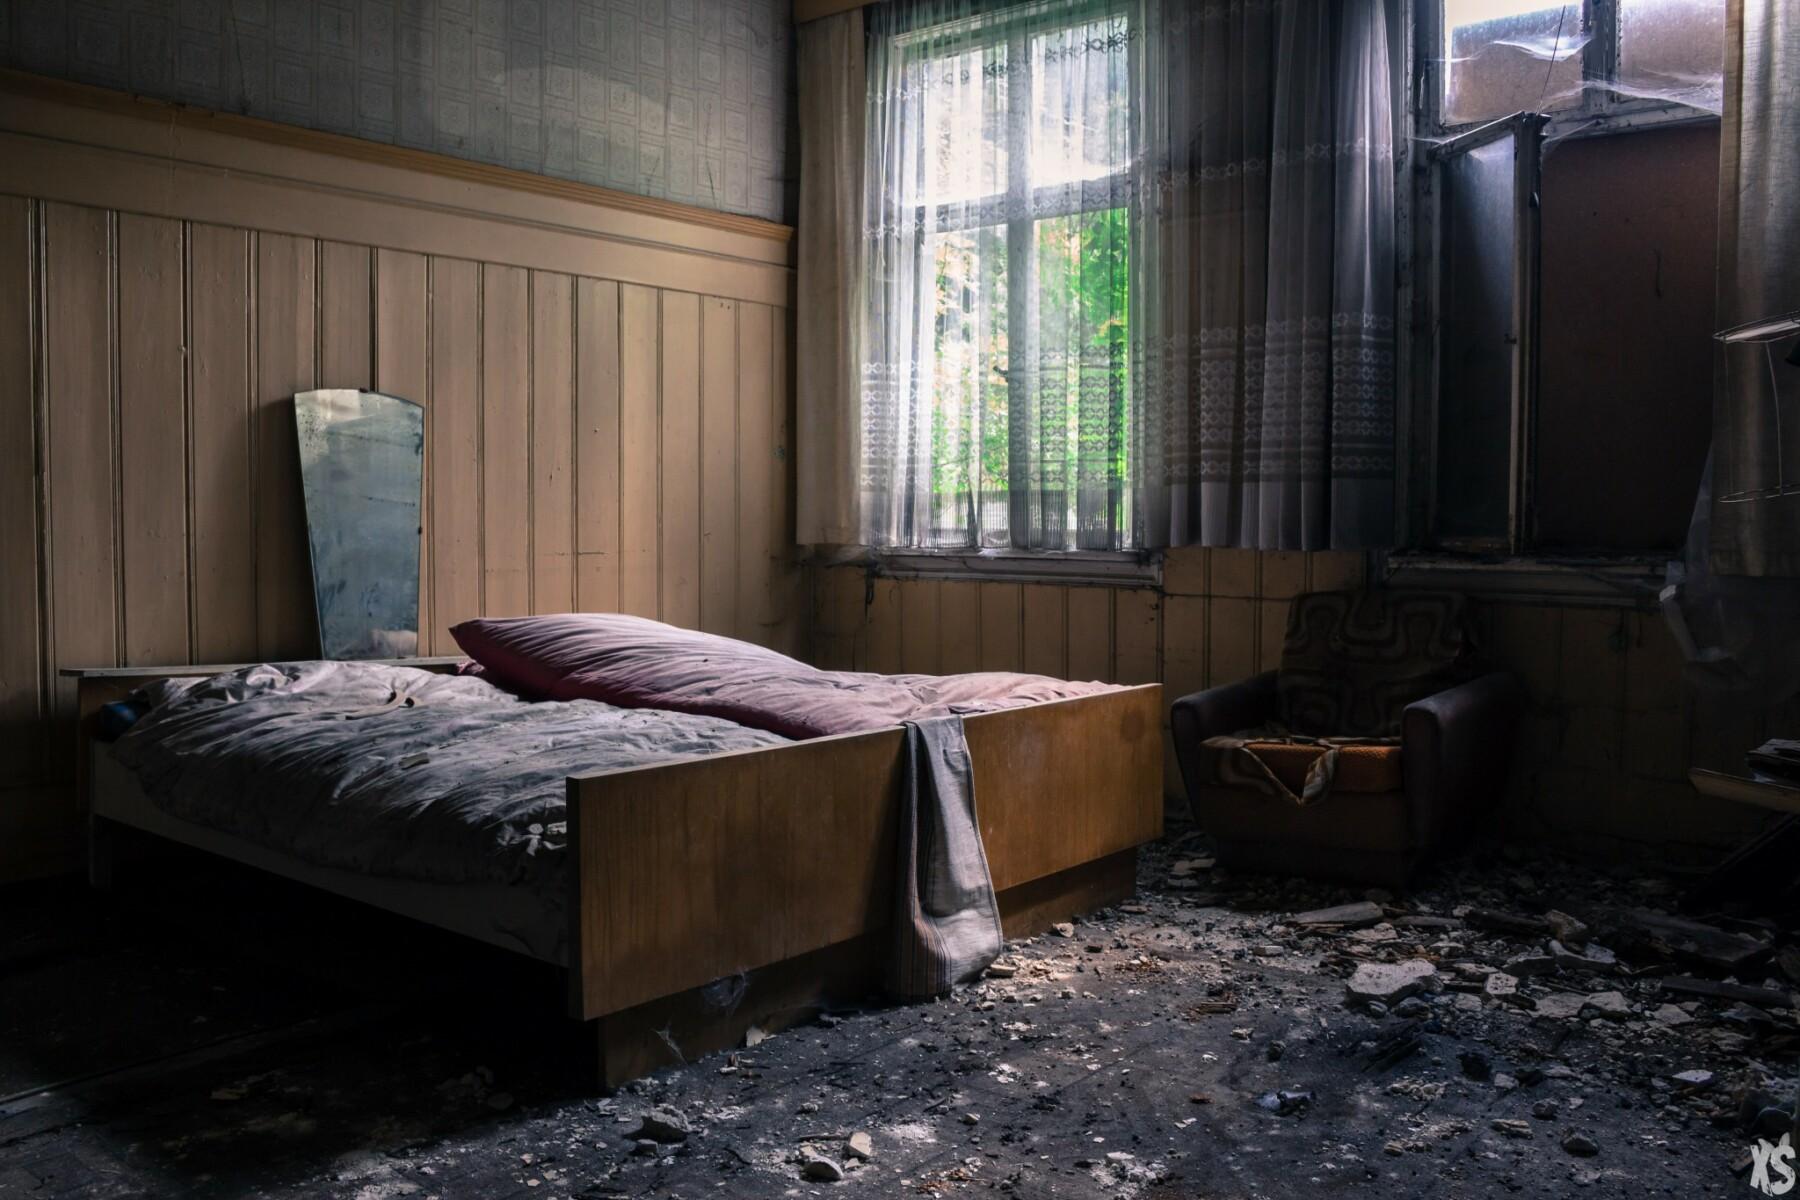 Manoir abandonné en Allemagne